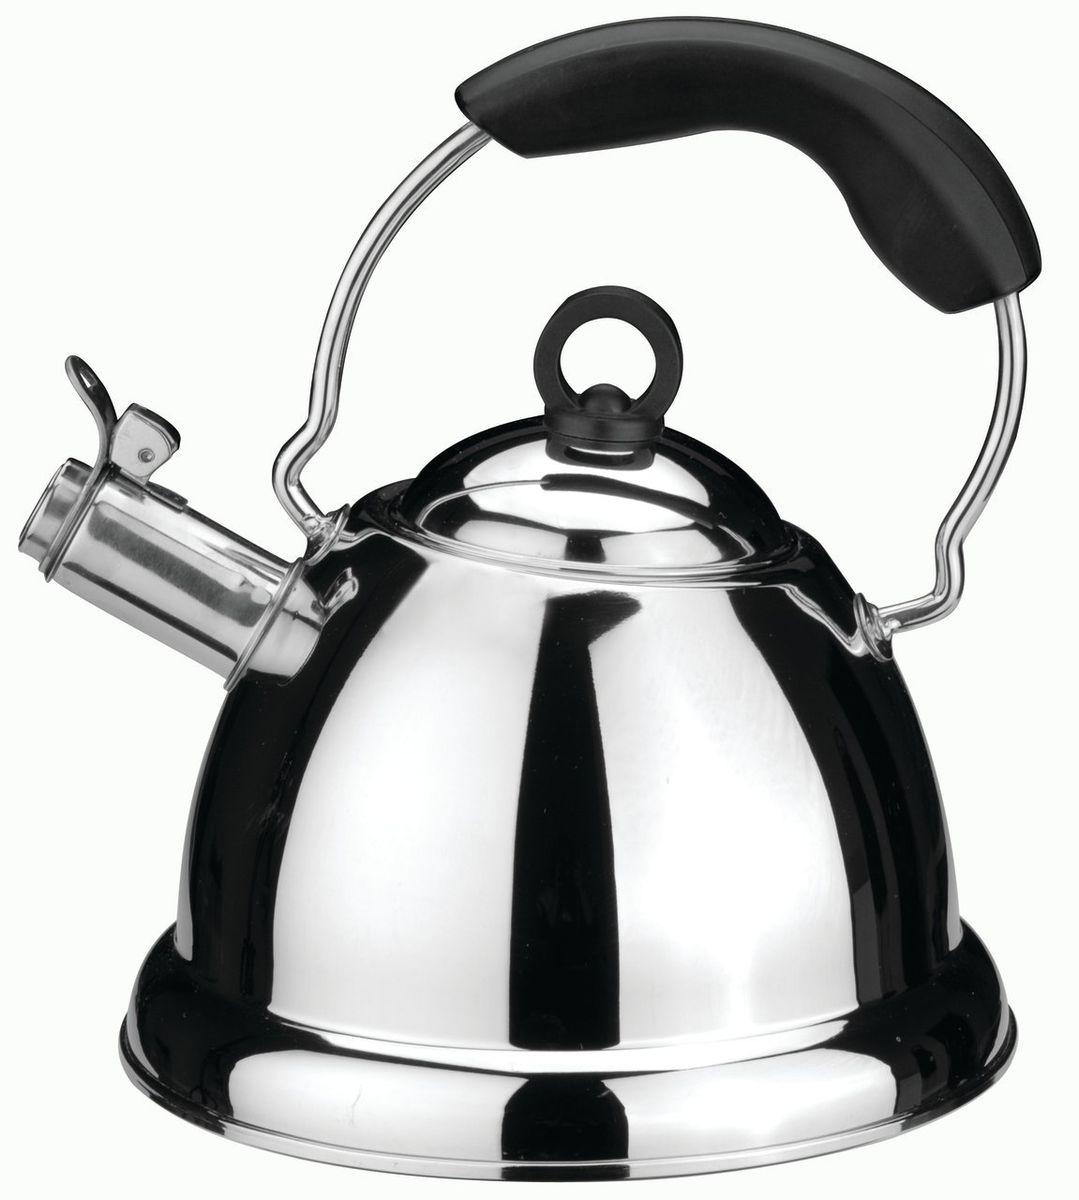 Чайник со свистком Cook&Co 2,5 л , цвет: металлик-черныйCM000001328Чайник со свистком Cook&Co 2,5 л выполнен из нержавеющей стали. Высокоэффективный чайник продуктивно проводит тепло для быстрого закипания. Свисток сообщает о моменте закипания воды. Рекомендуется мыть вручную. Упакован в подарочную коробку. Нержавеющая сталь